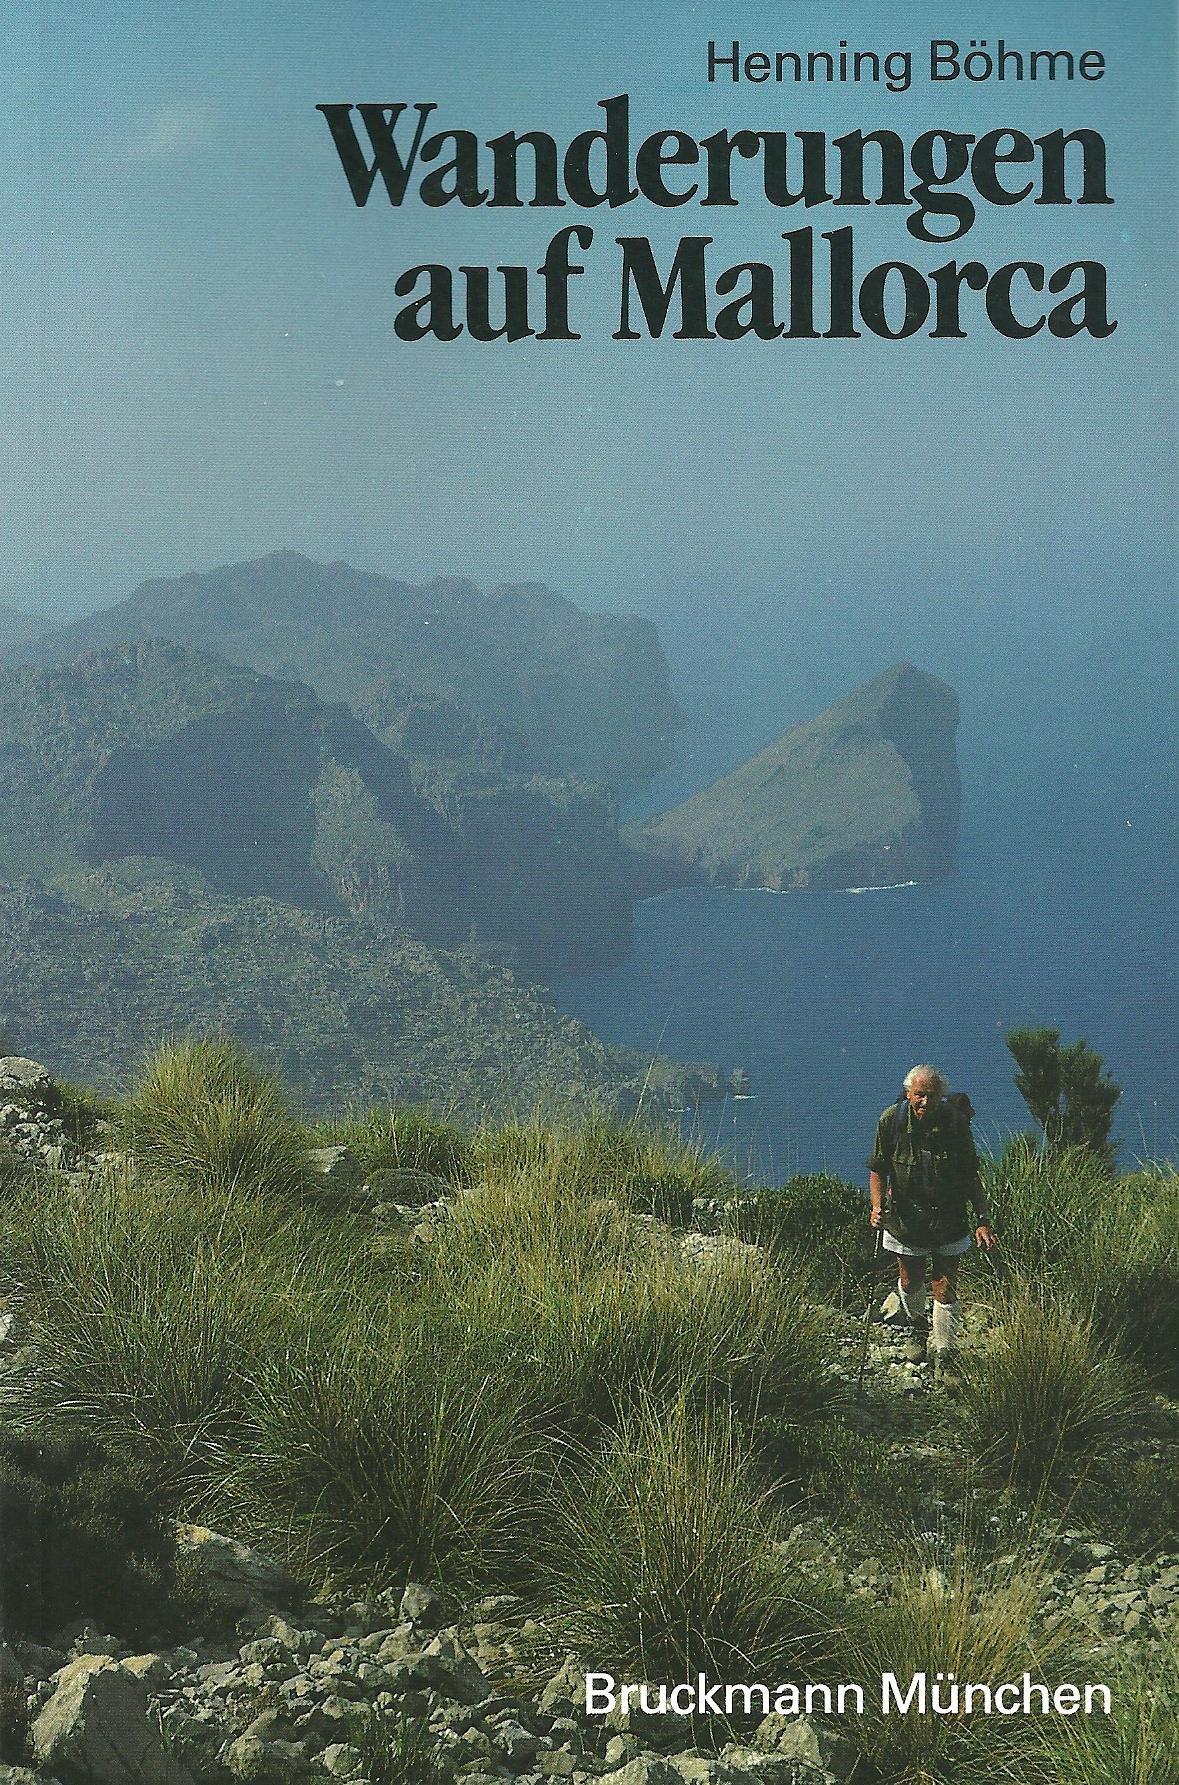 Wanderungen auf Mallorca